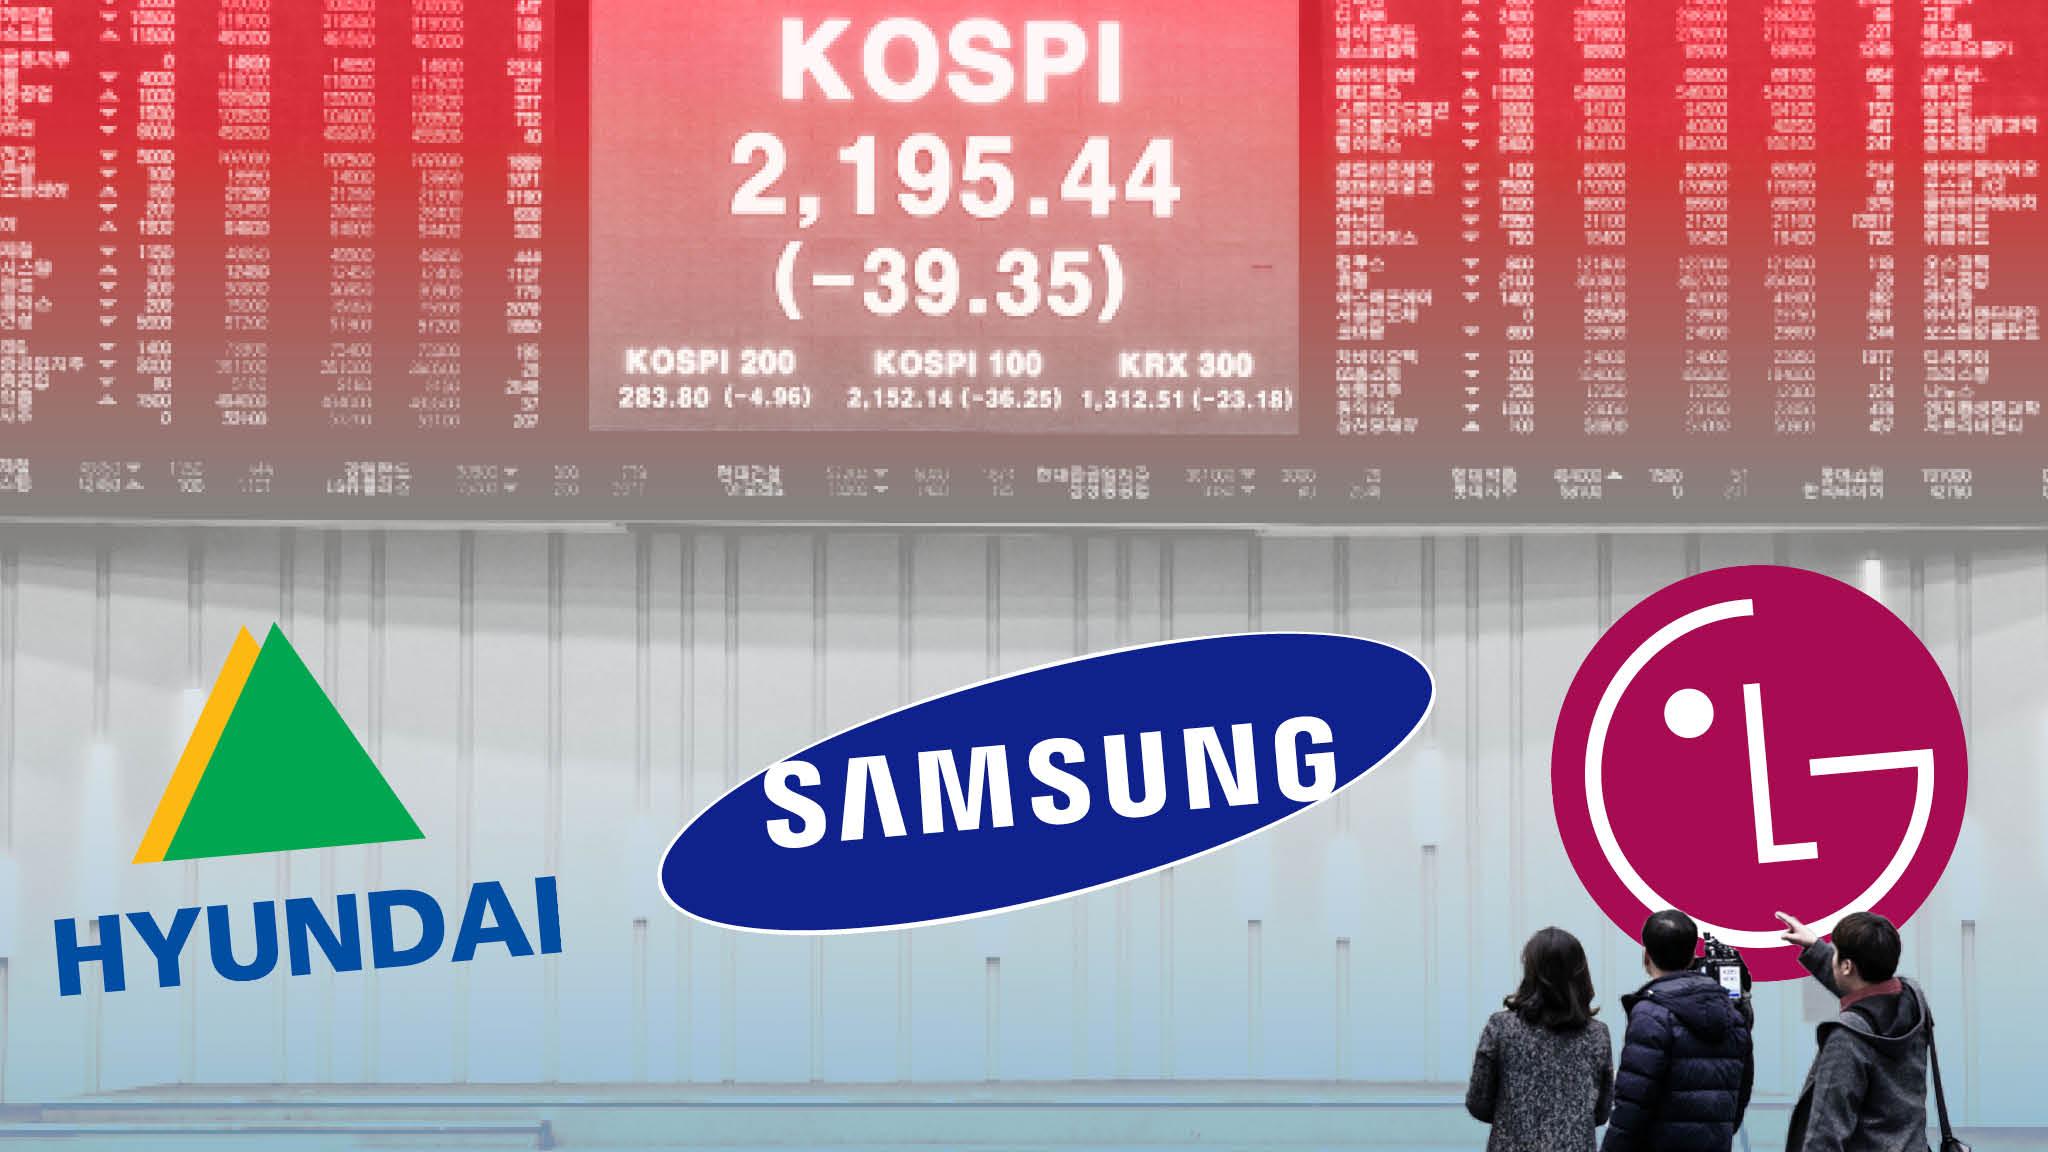 韓國股市權值股懶人包 韓國股票指標個股介紹整理 上4 大韓航空,三星電子,現代汽車 – 東南亞投資報告